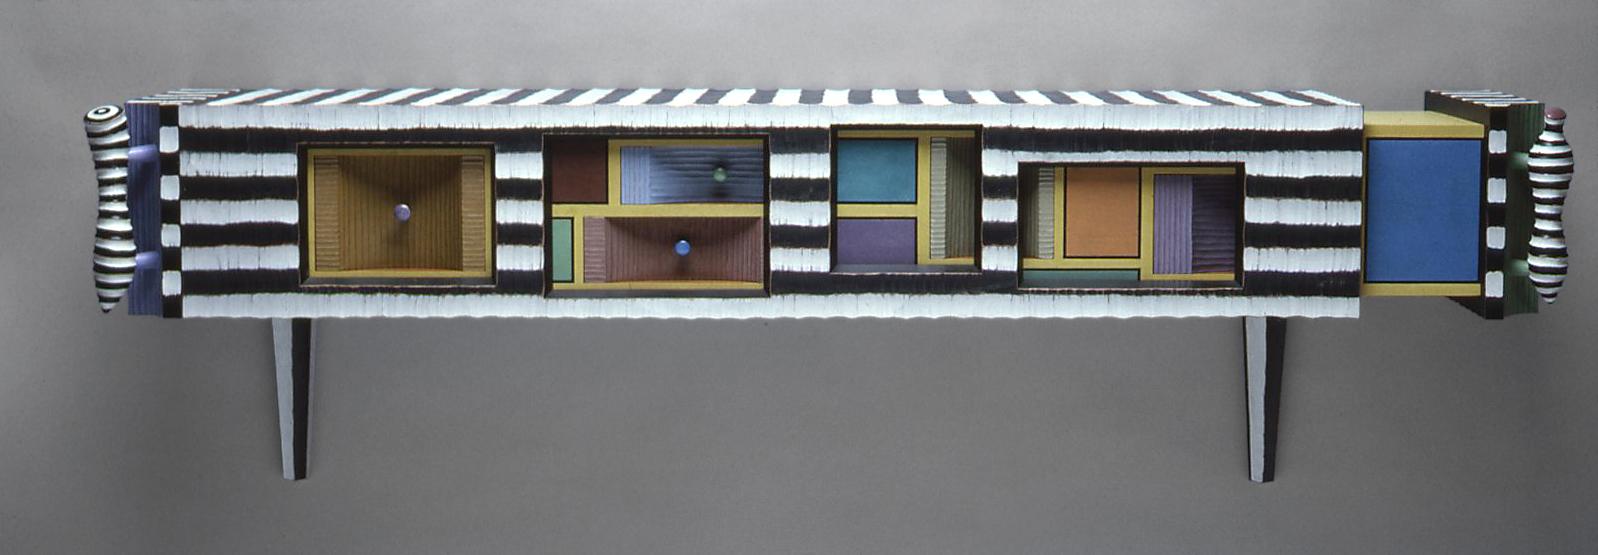 Vernier Cabinet | 1992 | wood, paint |